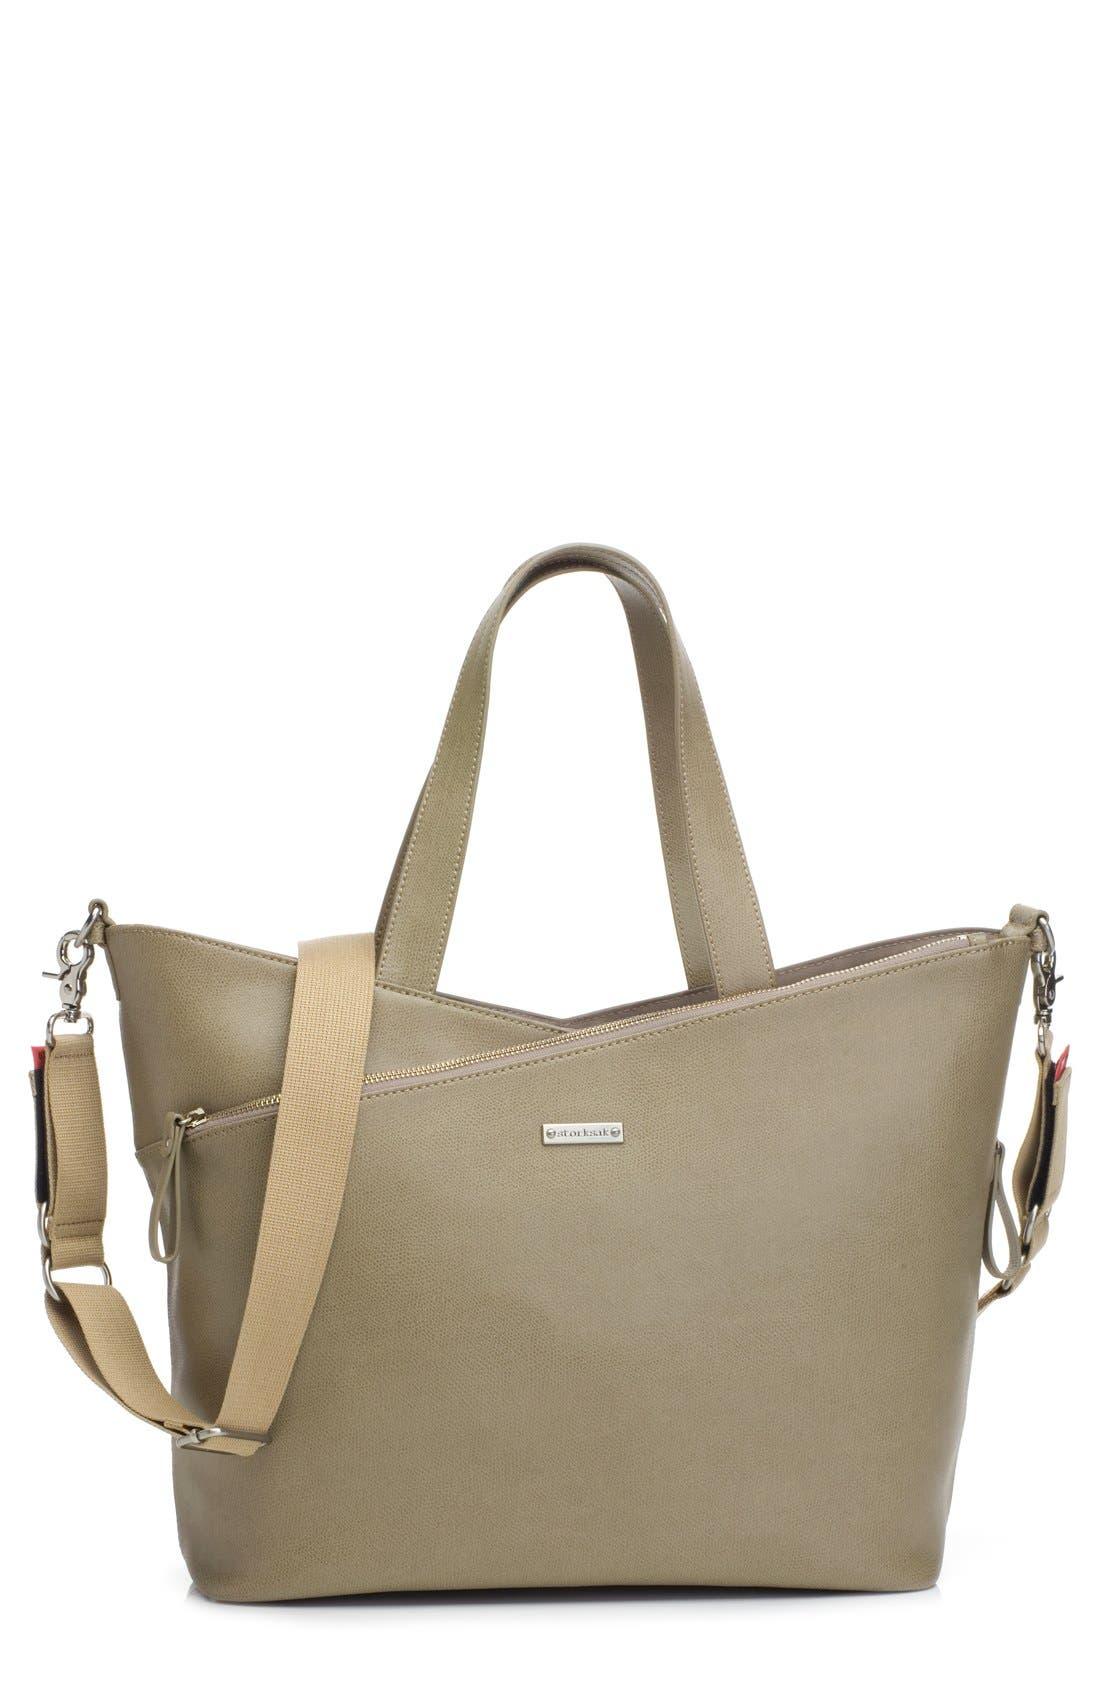 'Lucinda' Diaper Bag Leather Tote,                             Main thumbnail 2, color,